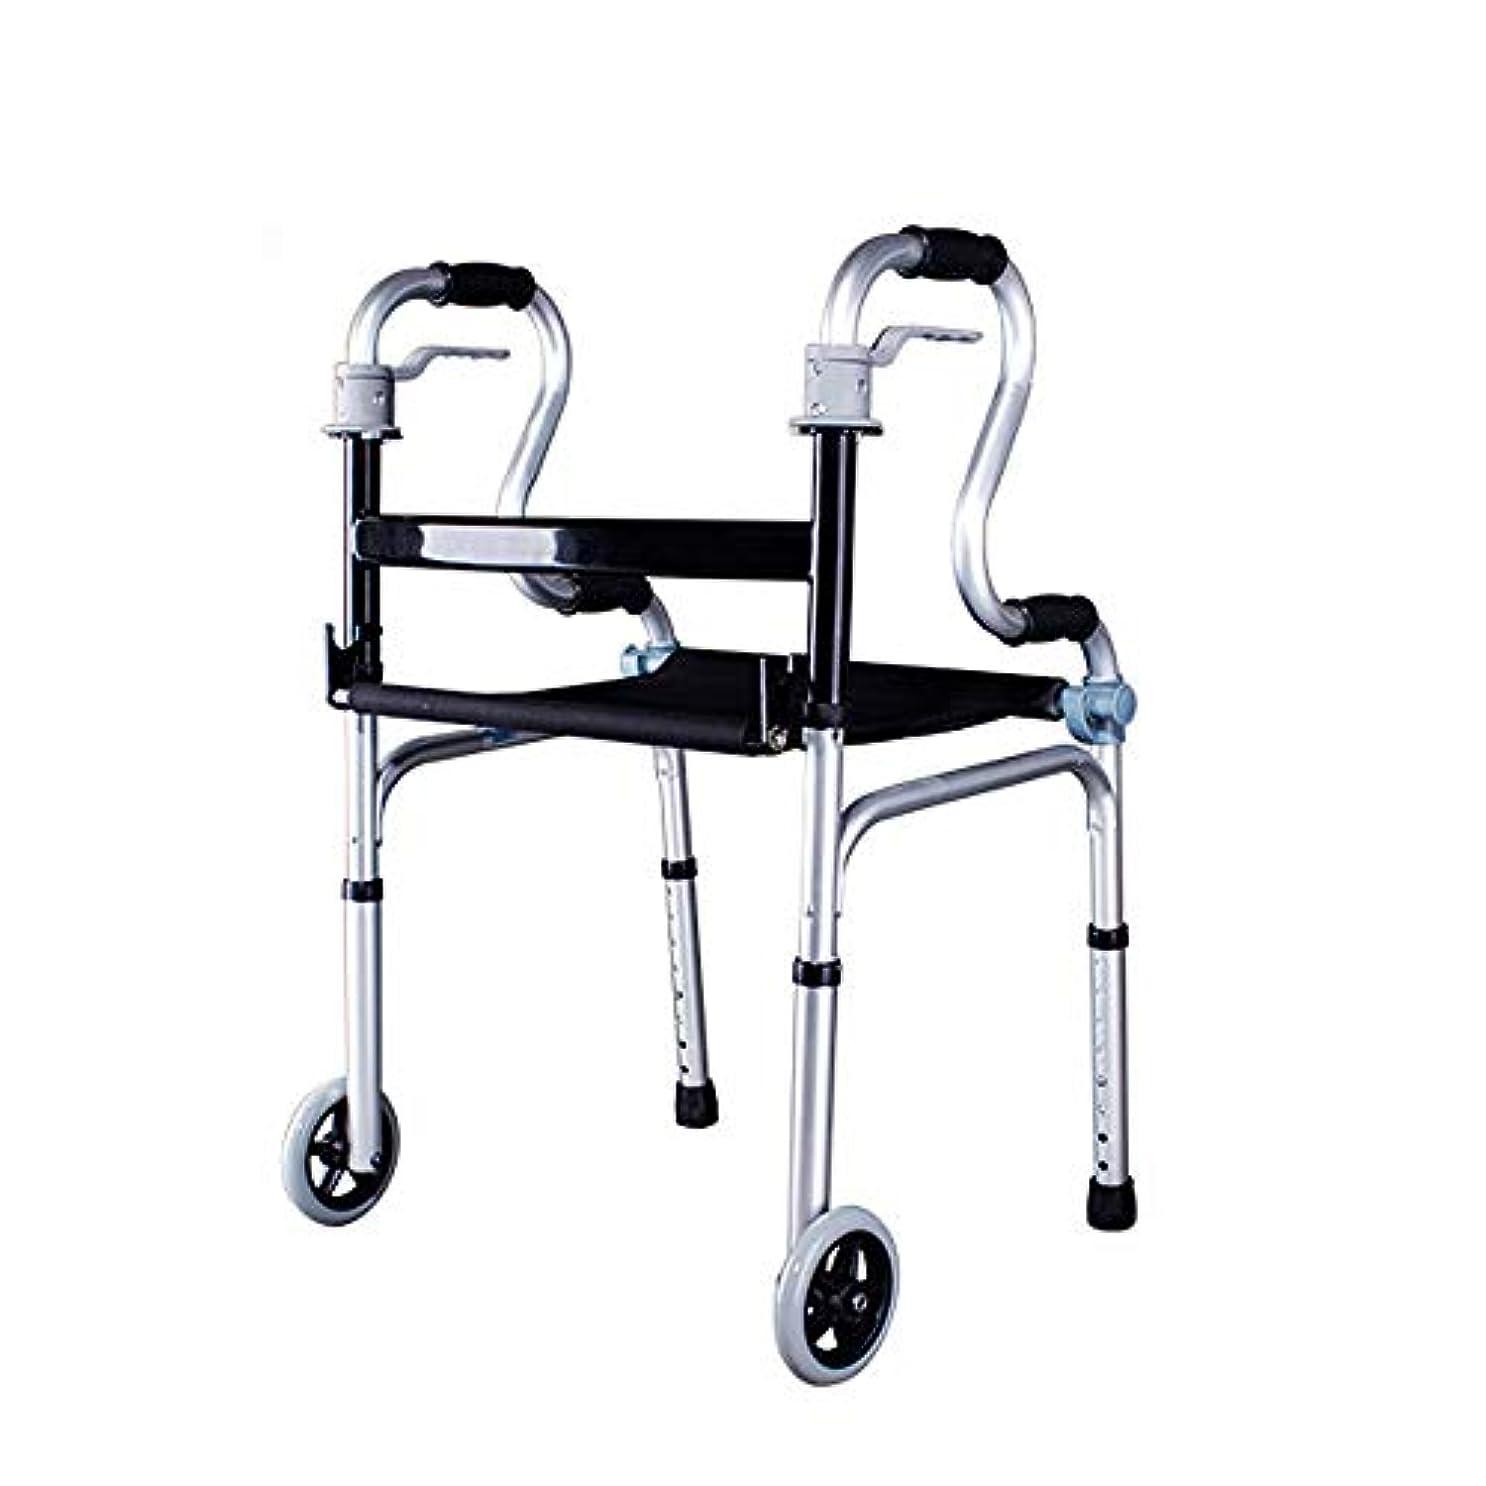 透過性有益な機動ポータブルウォーカー|高齢者用アルミローラーウォーカー|マウサー日本調整式補助歩行フレーム|マウサー日本滑り止め軽量|シート付き|障害者および下肢の術後のリハビリテーション